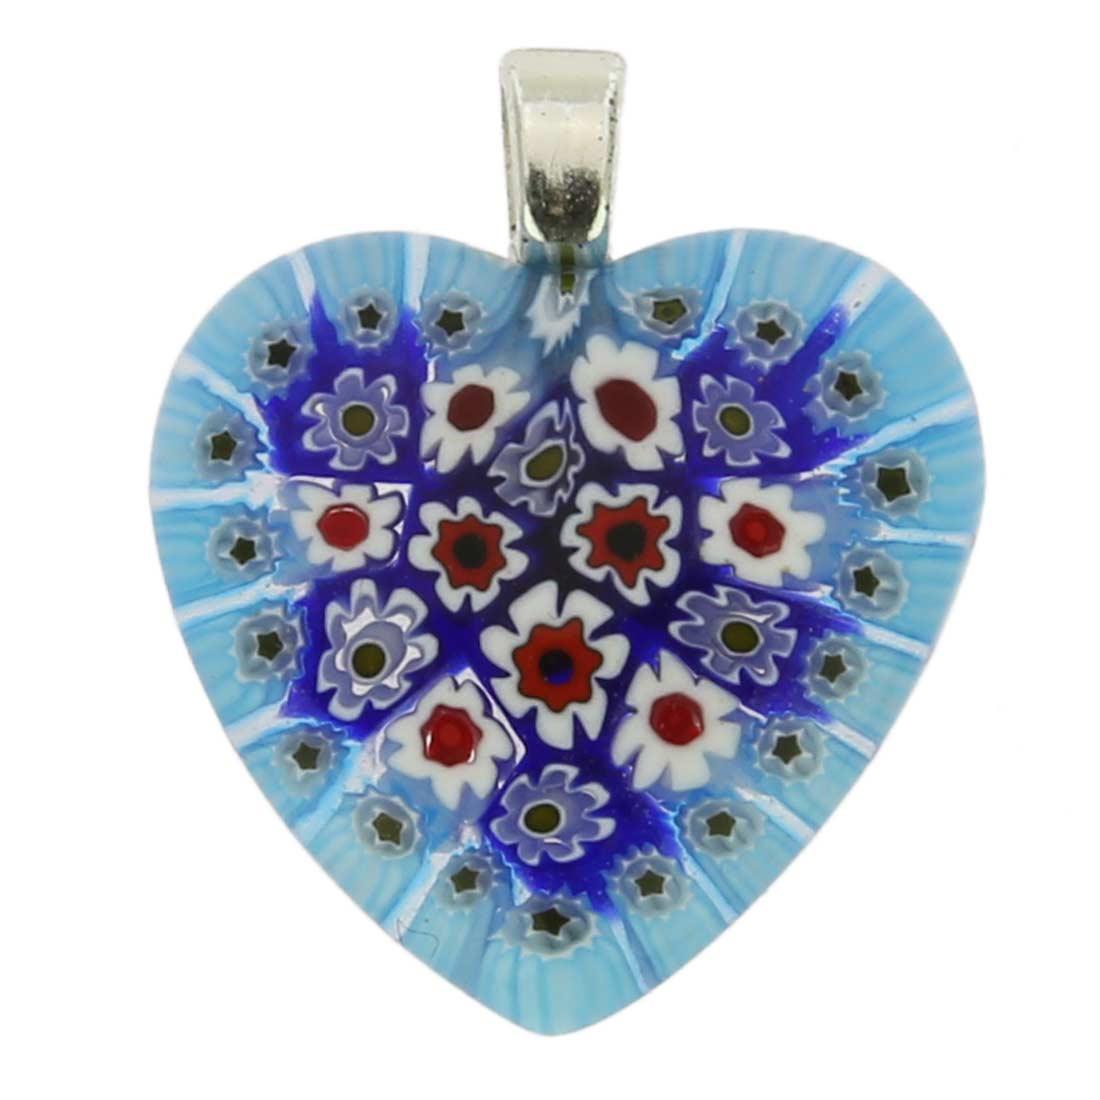 Millefiori Heart Pendant Medium - Sky Blue